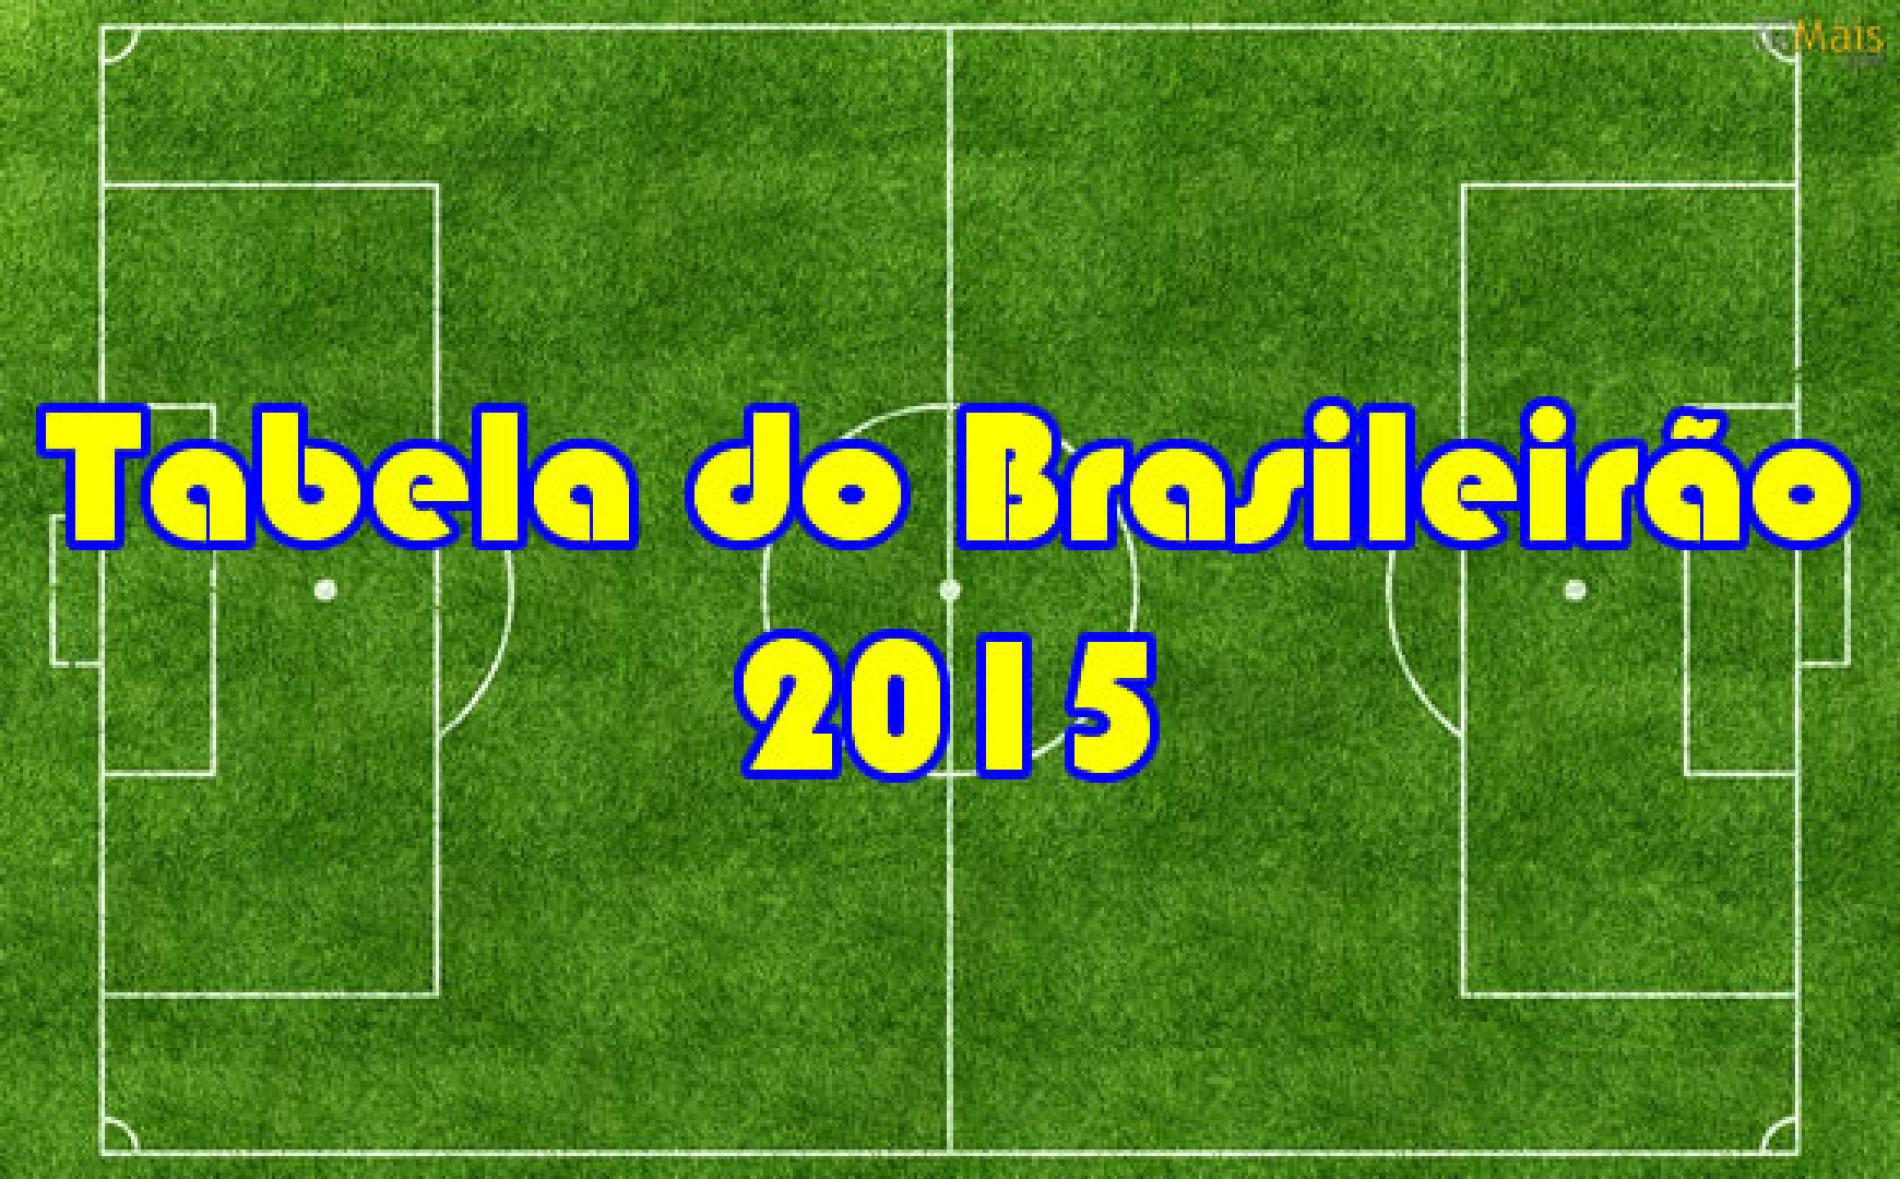 Tabela Brasileirão 2015